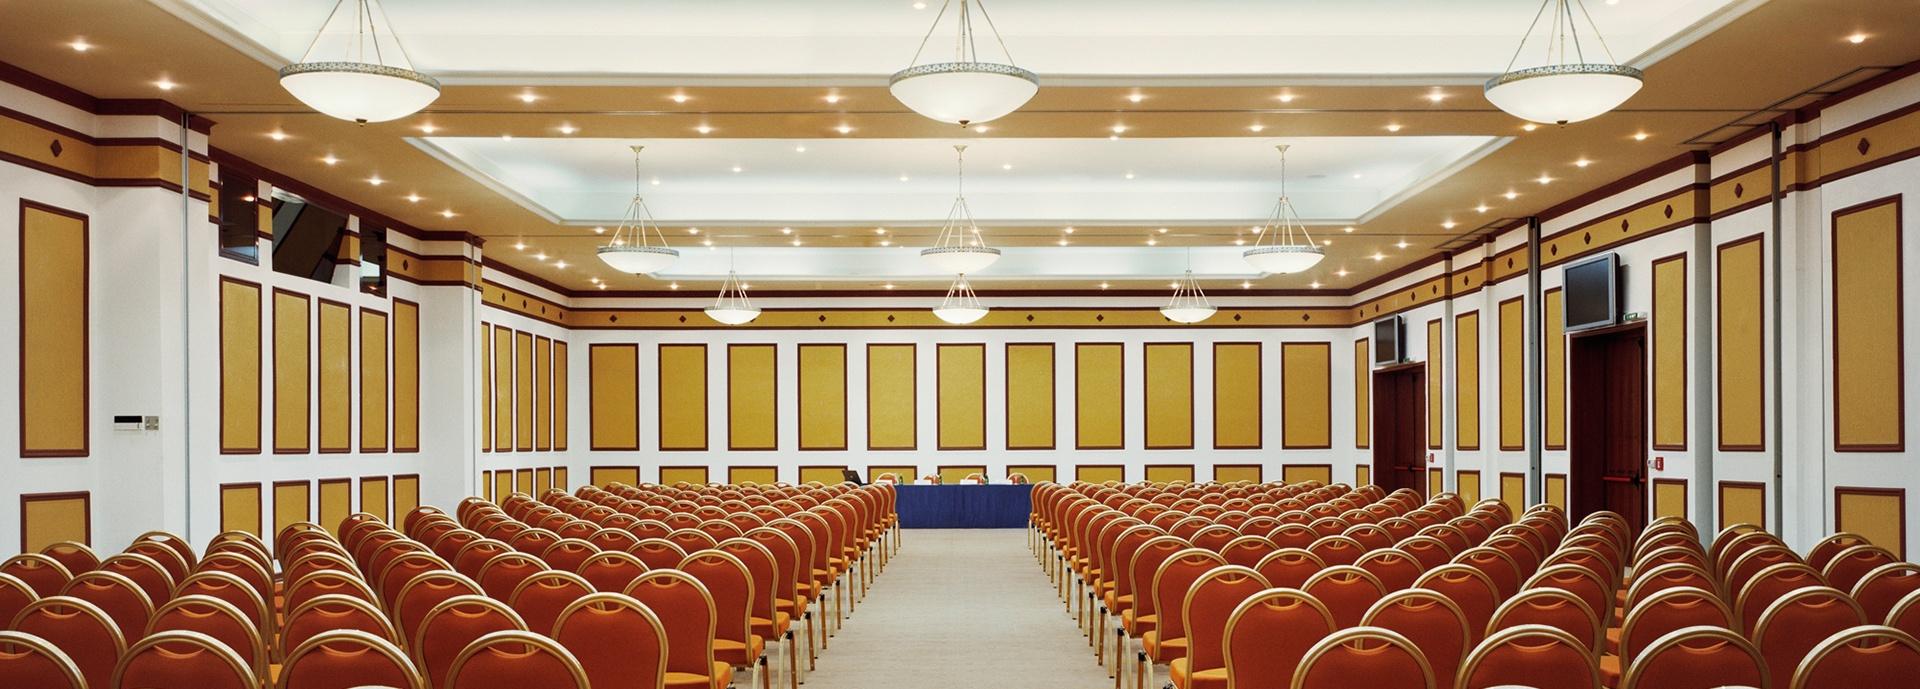 Evenimente corporate - Bucuresti - Hotel Caro